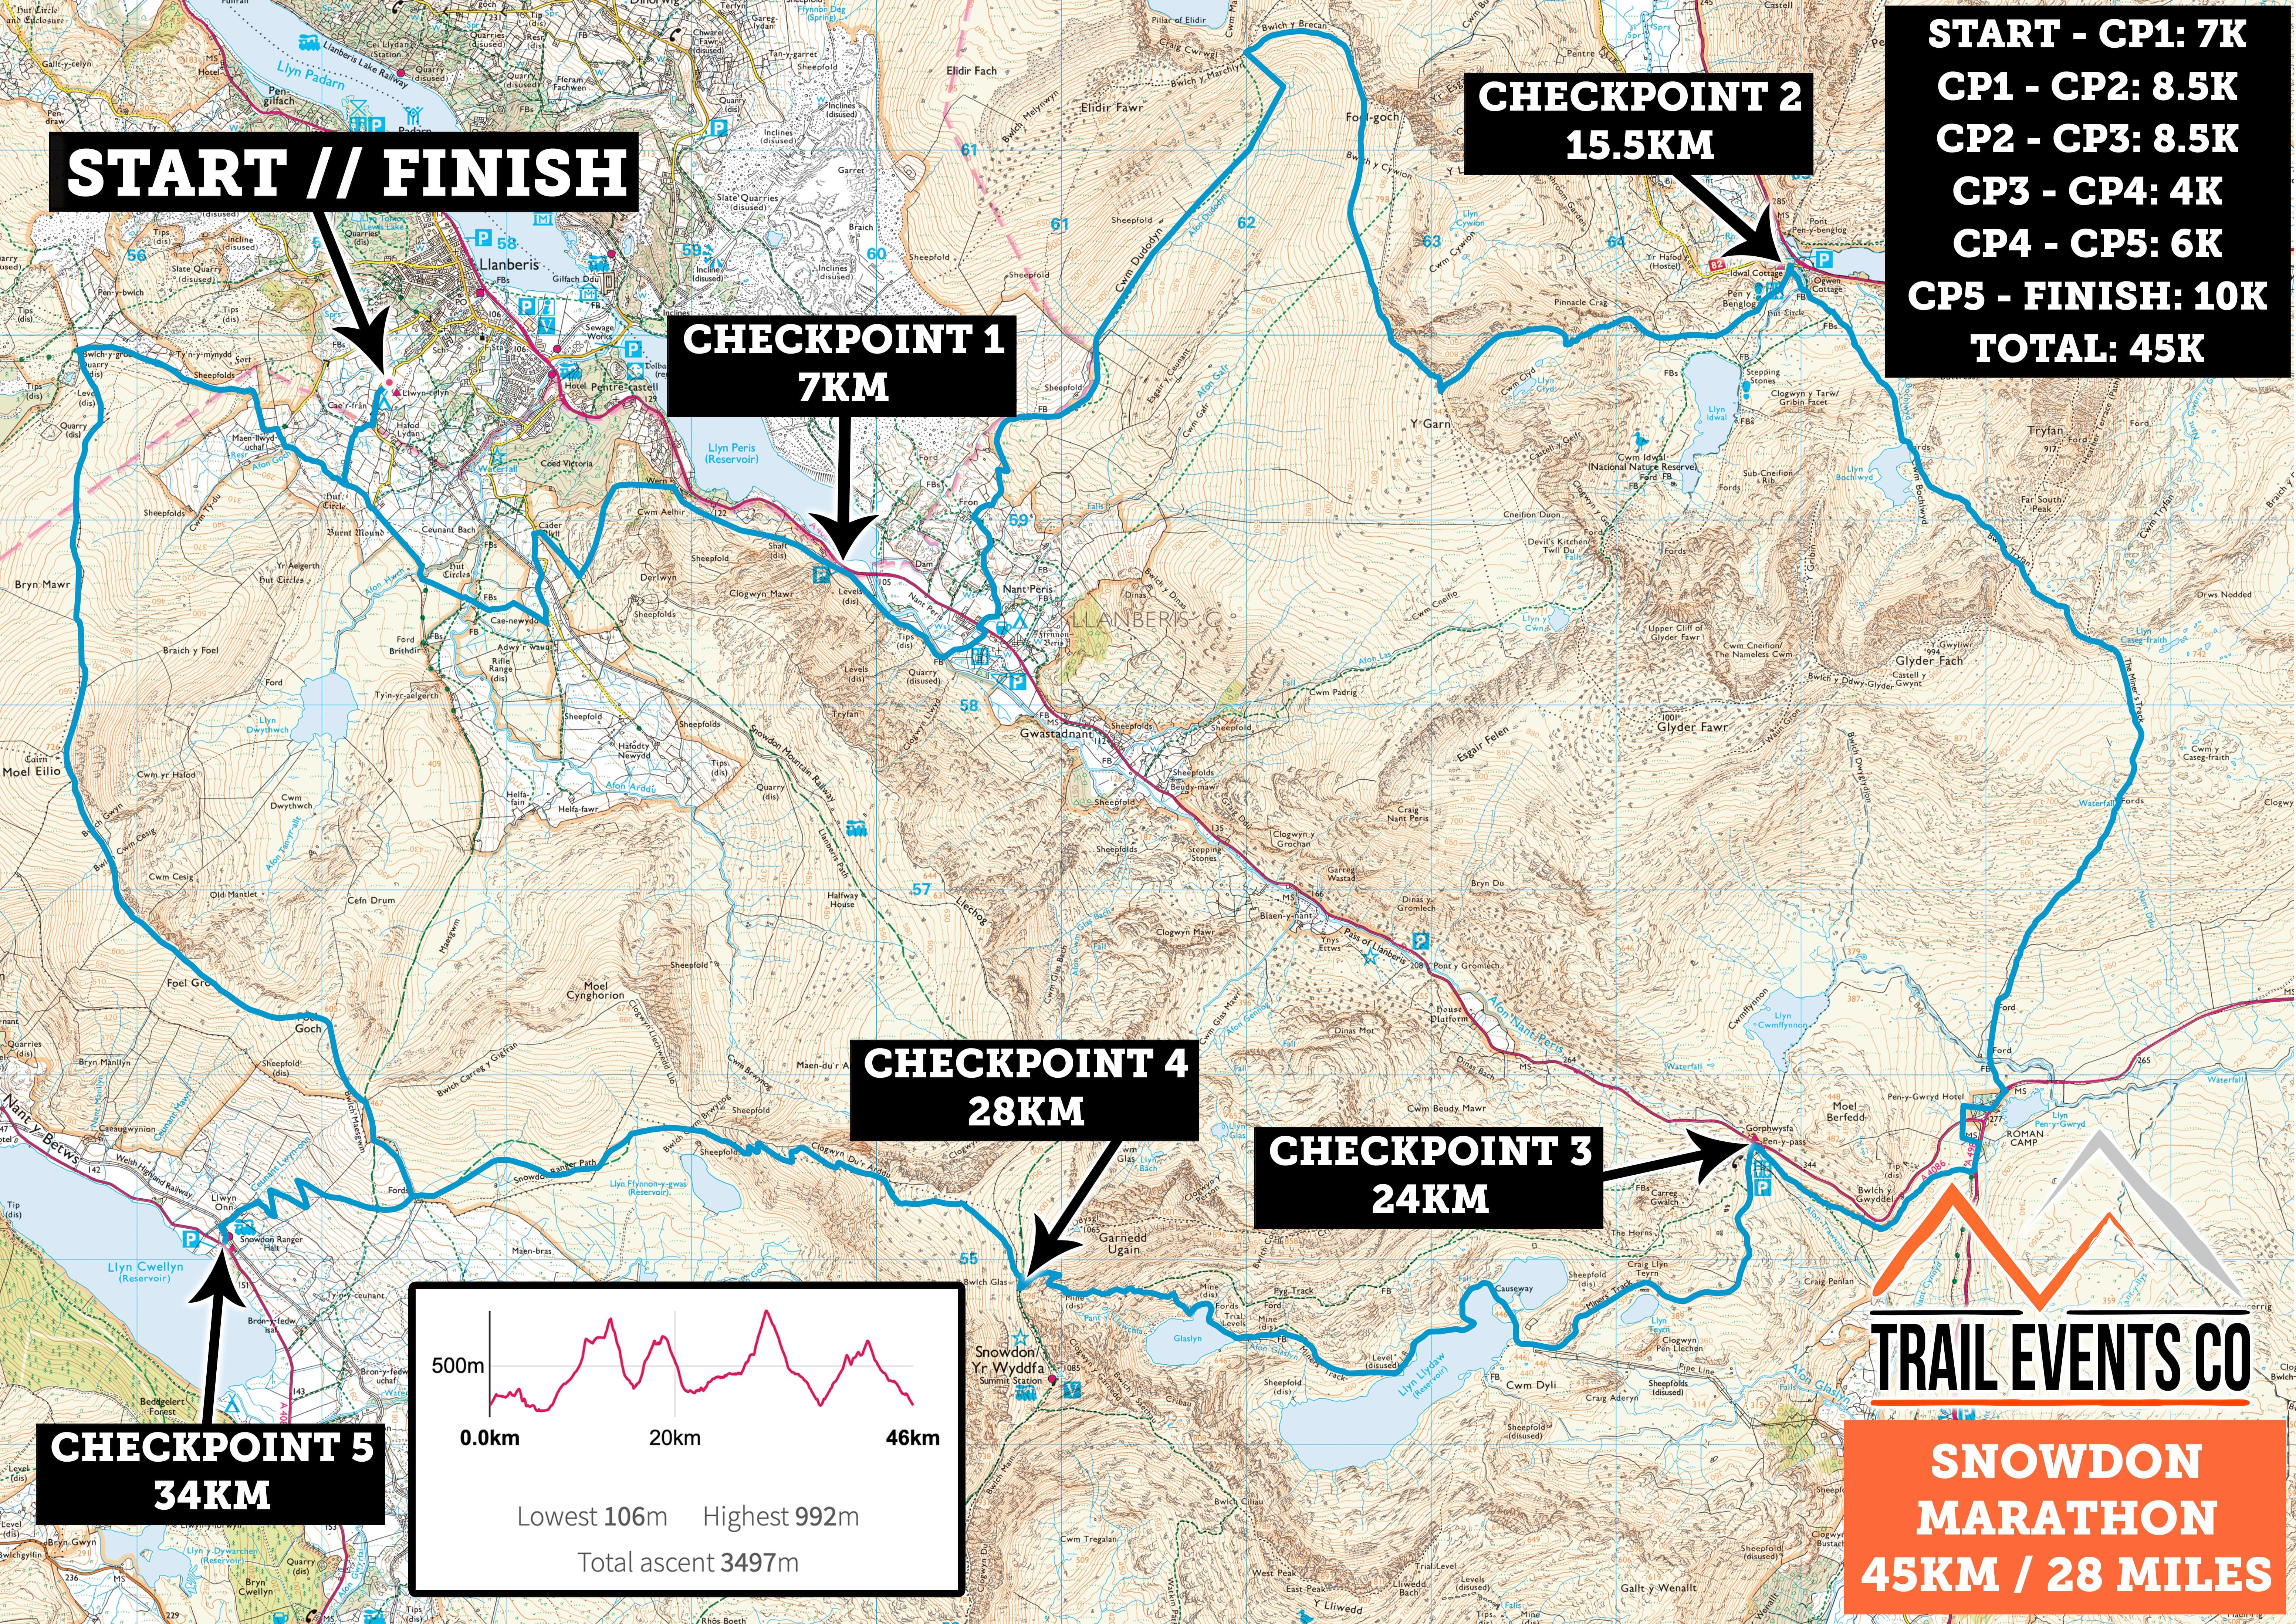 Snowdon Marathon Route